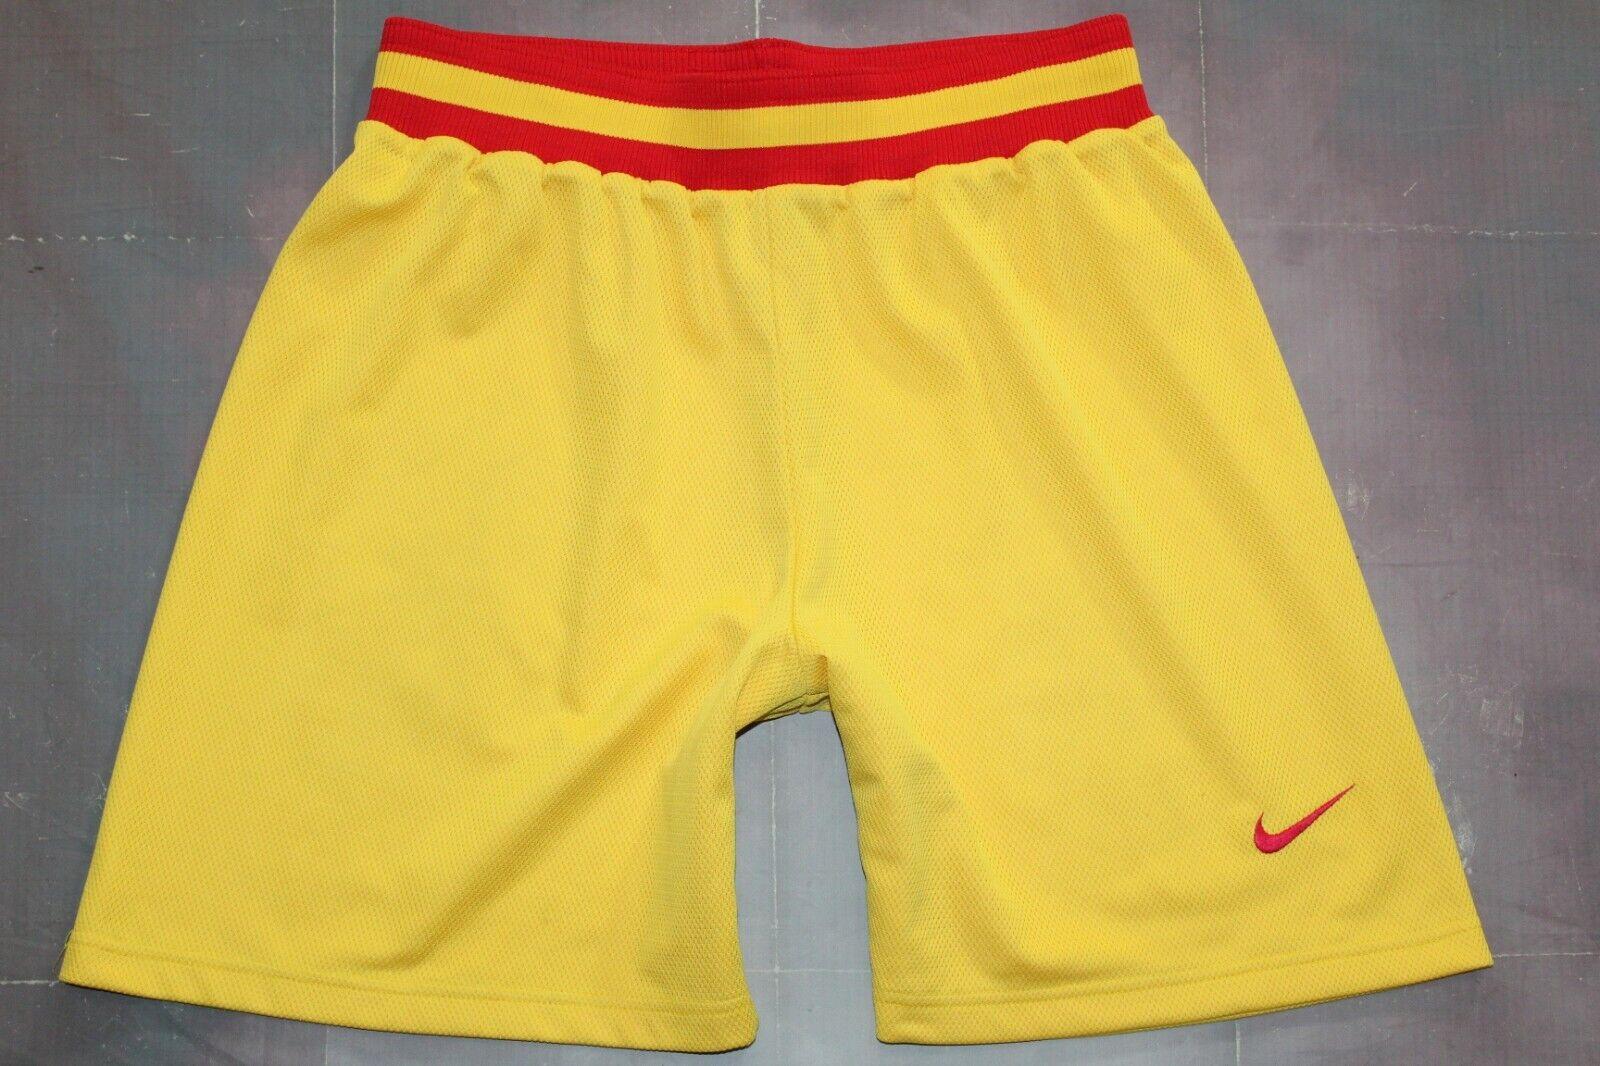 Logotipo de Nike años 90 Vintage Embroidered Swoosh Amarillo Baloncesto Pantalones Cortos, Retro, Tamaño: XL